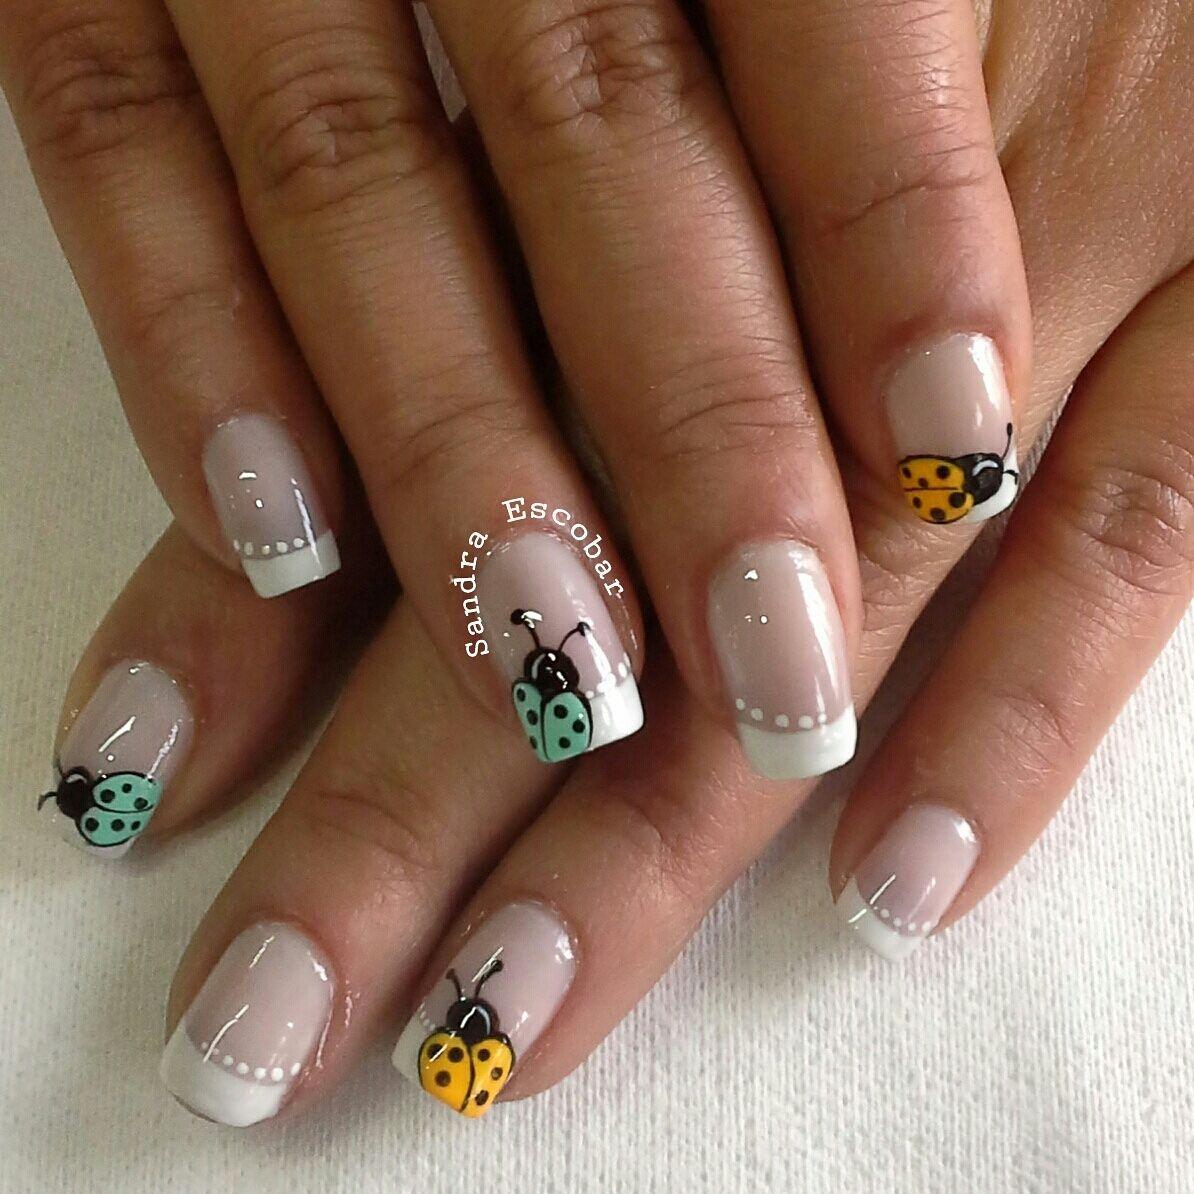 Decoraciones de u as dise os en tus u as ladybug nails - De coracion de unas ...